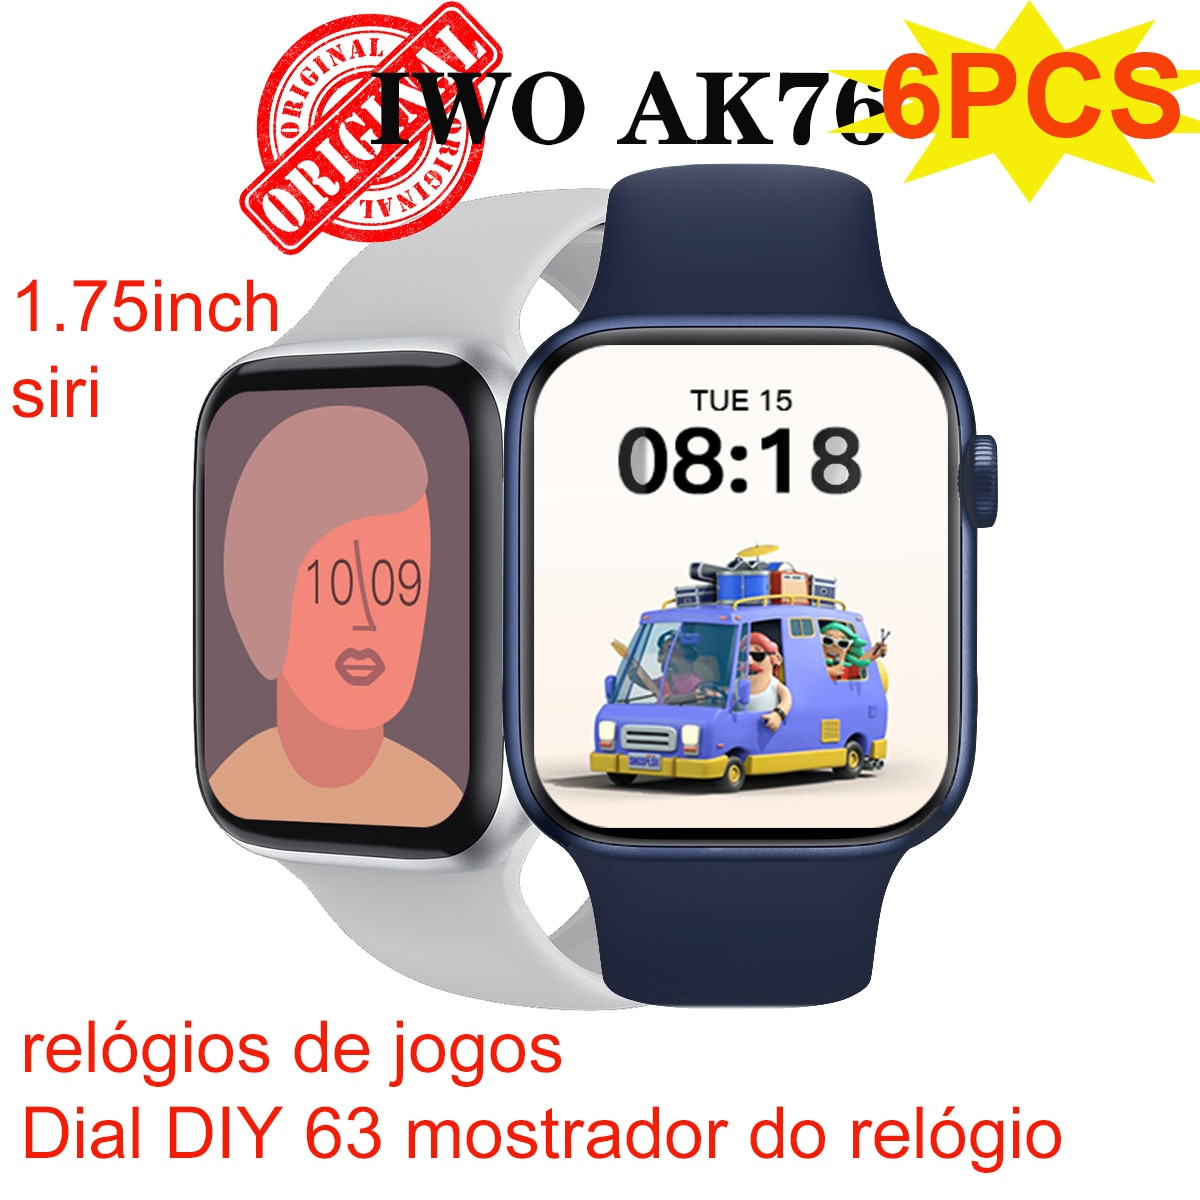 Promo 6PCS  IWO AK76 Smart Watch Women Men Games watch